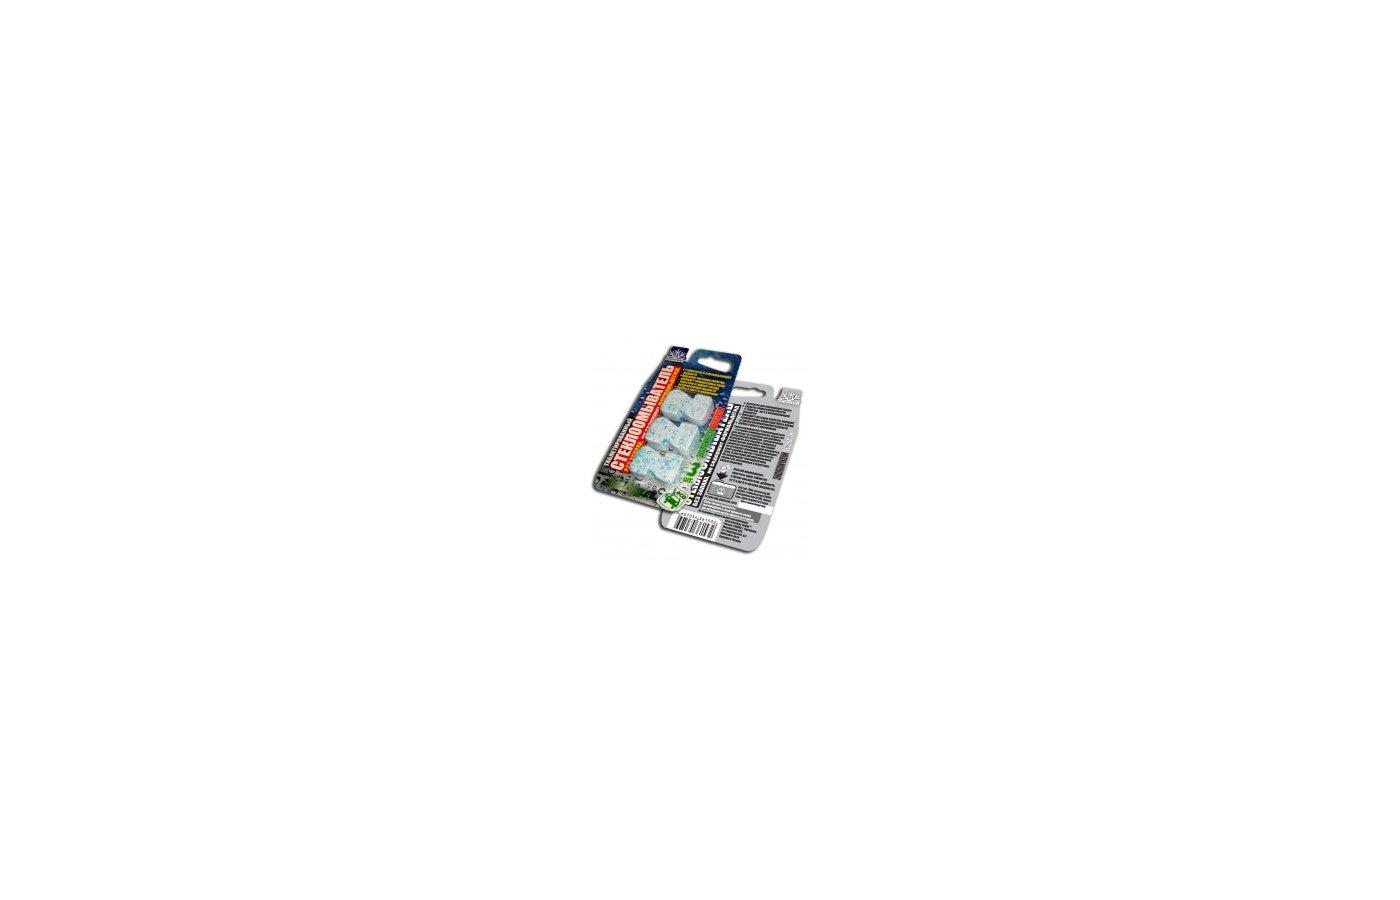 Автохимия ЗЕБРА ТМ 1532 Таблетированный стеклоочиститель зимний 3 таблетки/блтистер